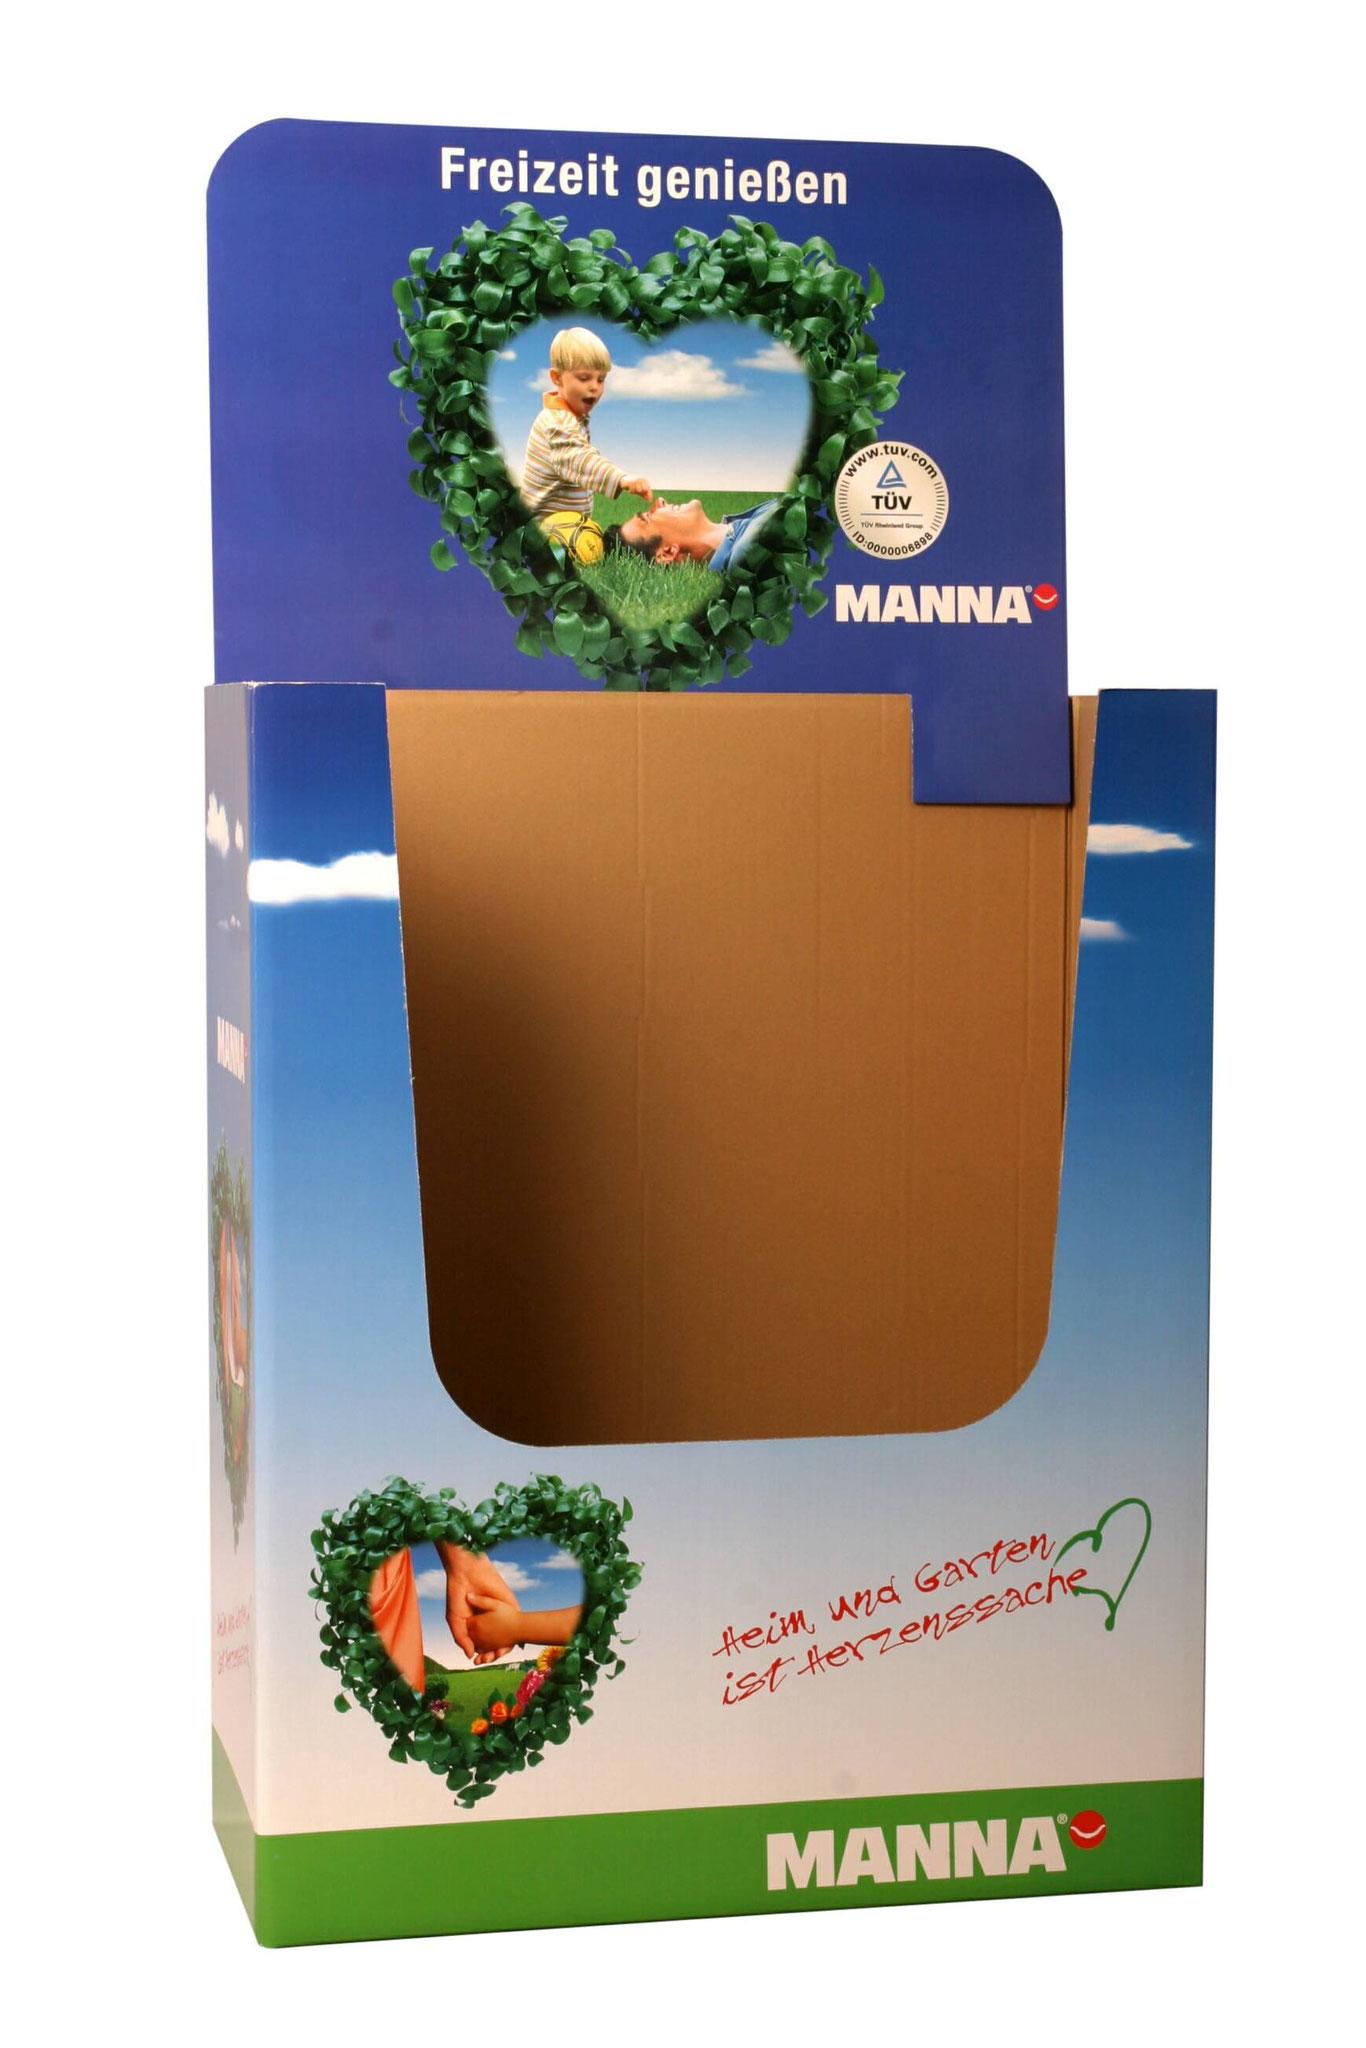 """Bodendisplay Palettenmantel """"Manna"""". Wellpappe bedruckt. Für Viertelpalette, halbe Palette oder Europalette"""